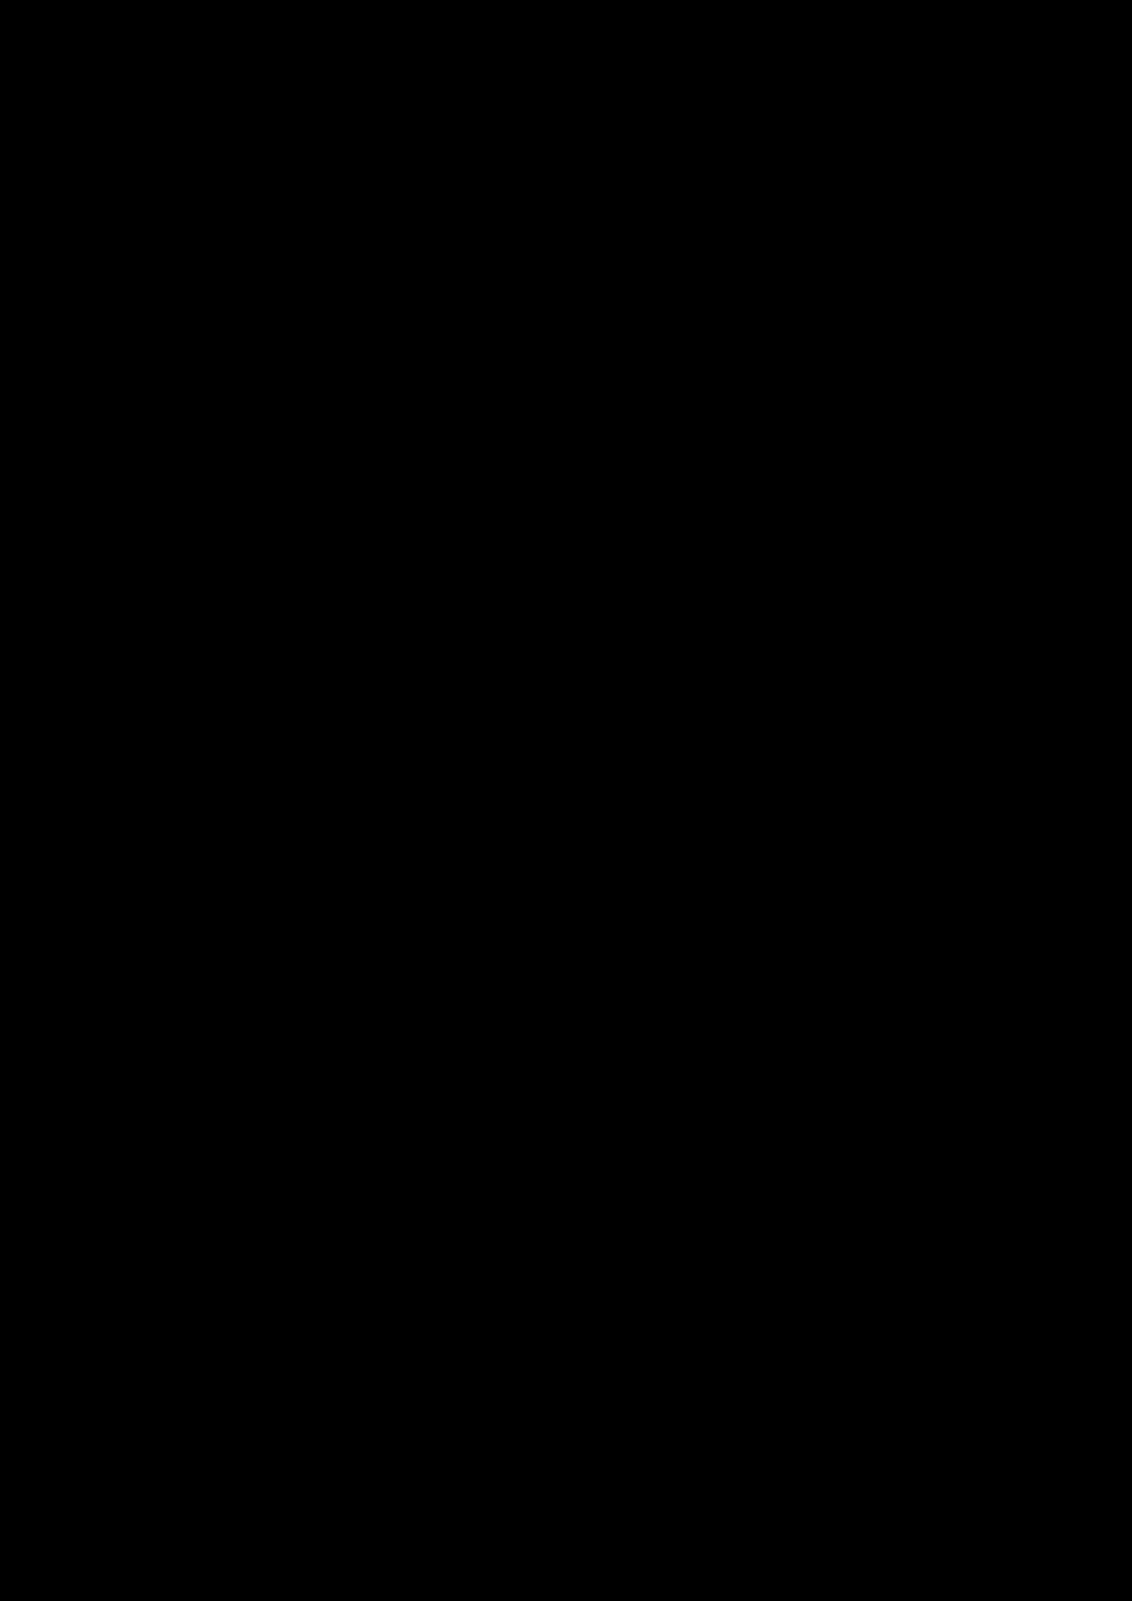 Proschanie s volshebnoy stranoy slide, Image 34